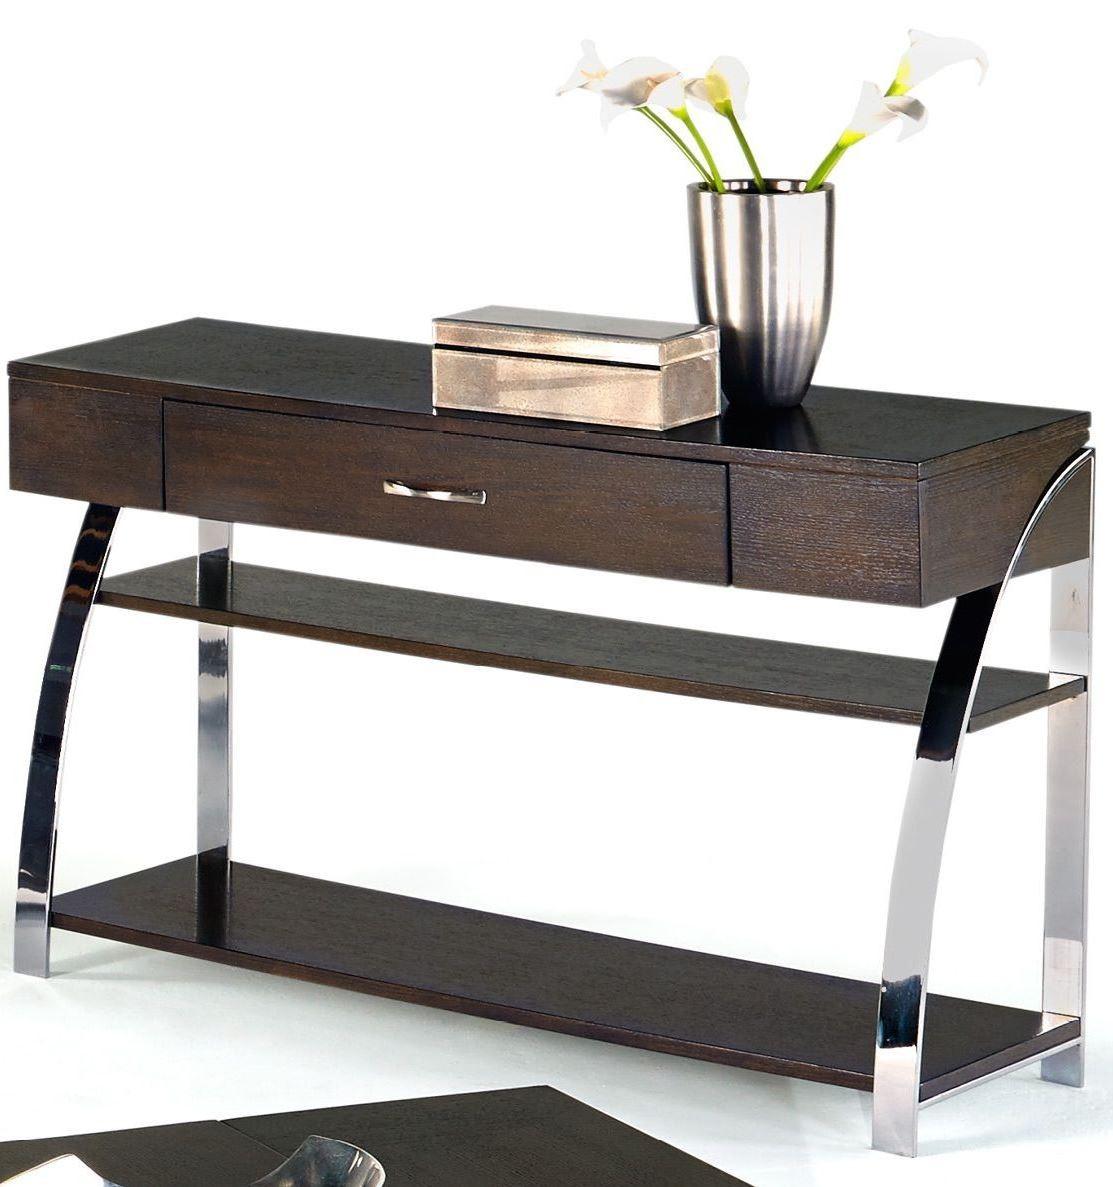 Showplace cappuccino sofa console table from progressive for Sofa console